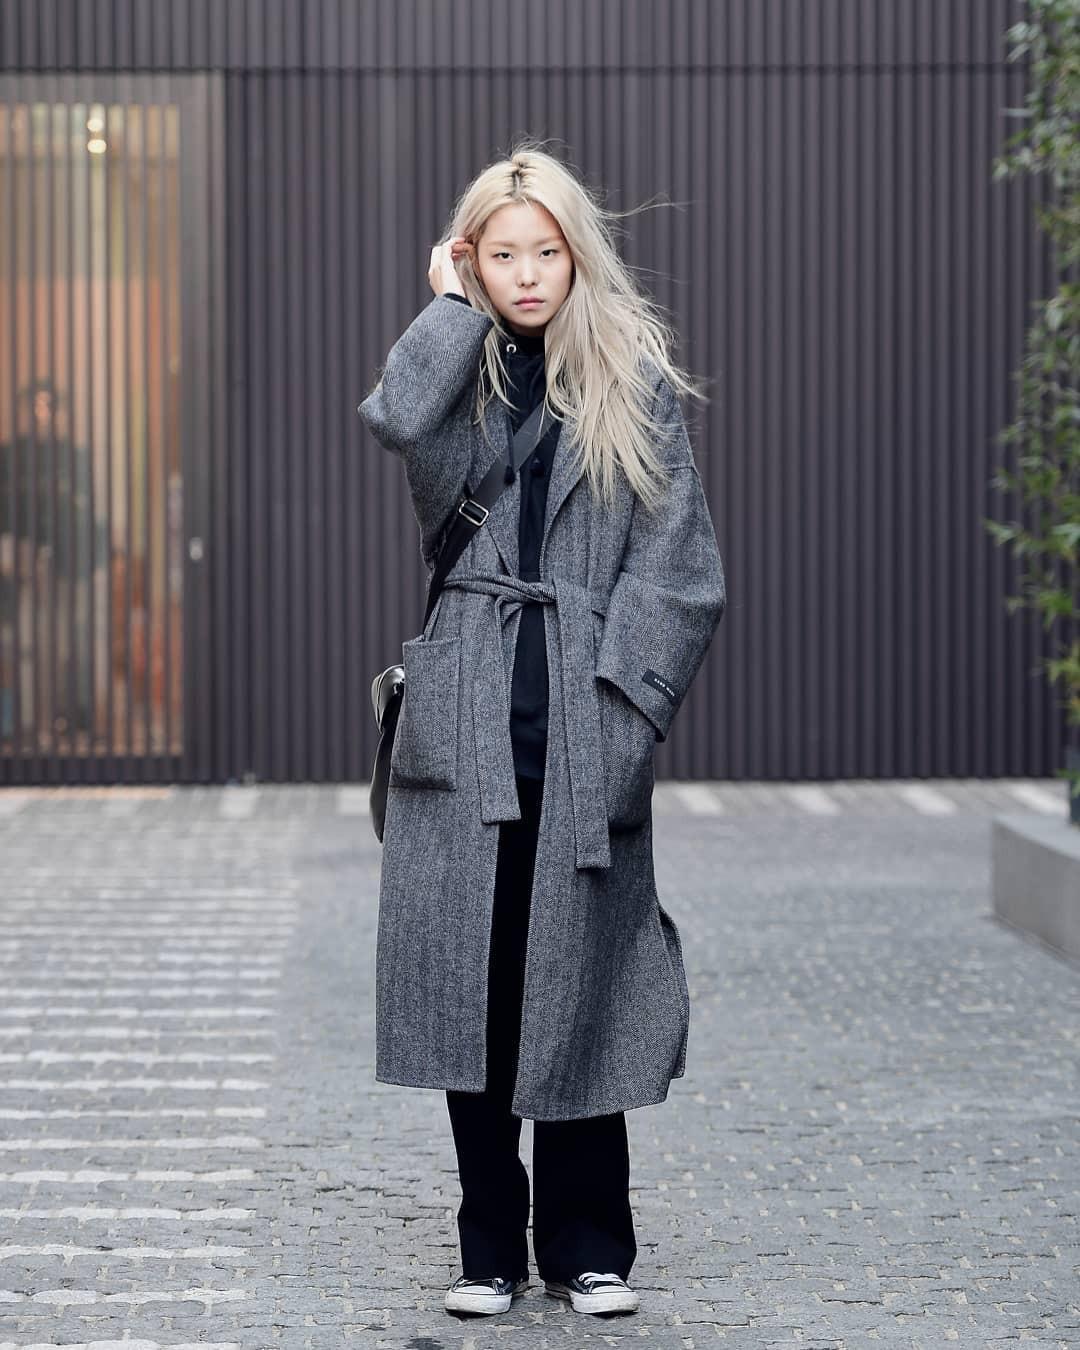 Street style giới trẻ Hàn tuần qua: nữ tính, cá tính, chất chơi chiêu nào cũng có và đều đẹp ngất ngây - Ảnh 8.